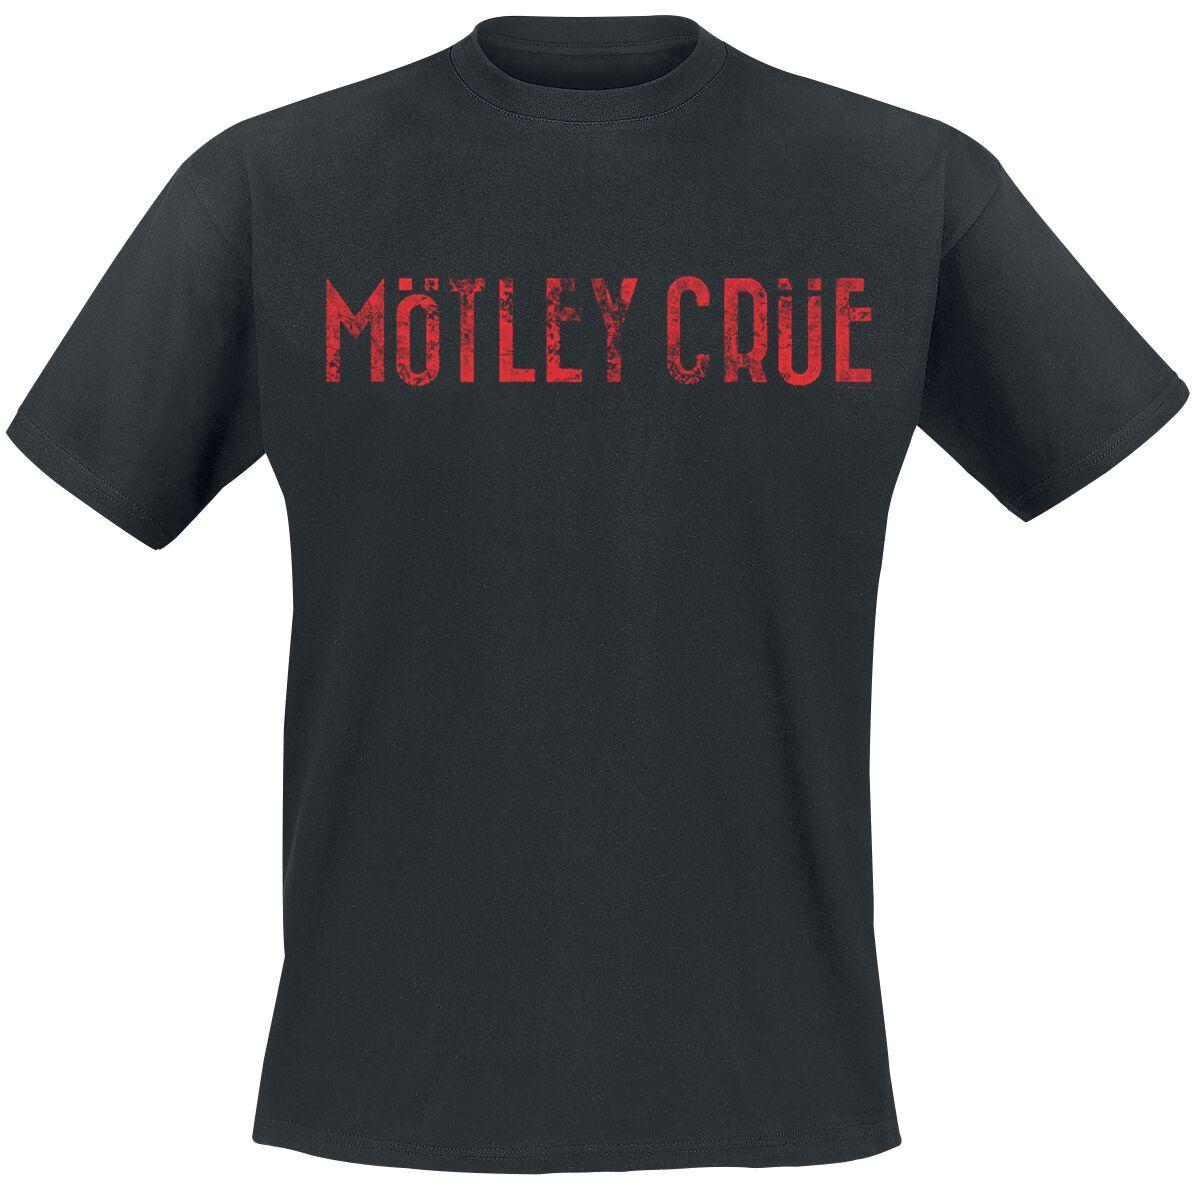 Zespoły - Koszulki - T-Shirt Mötley Crüe Logo T-Shirt czarny - 368521